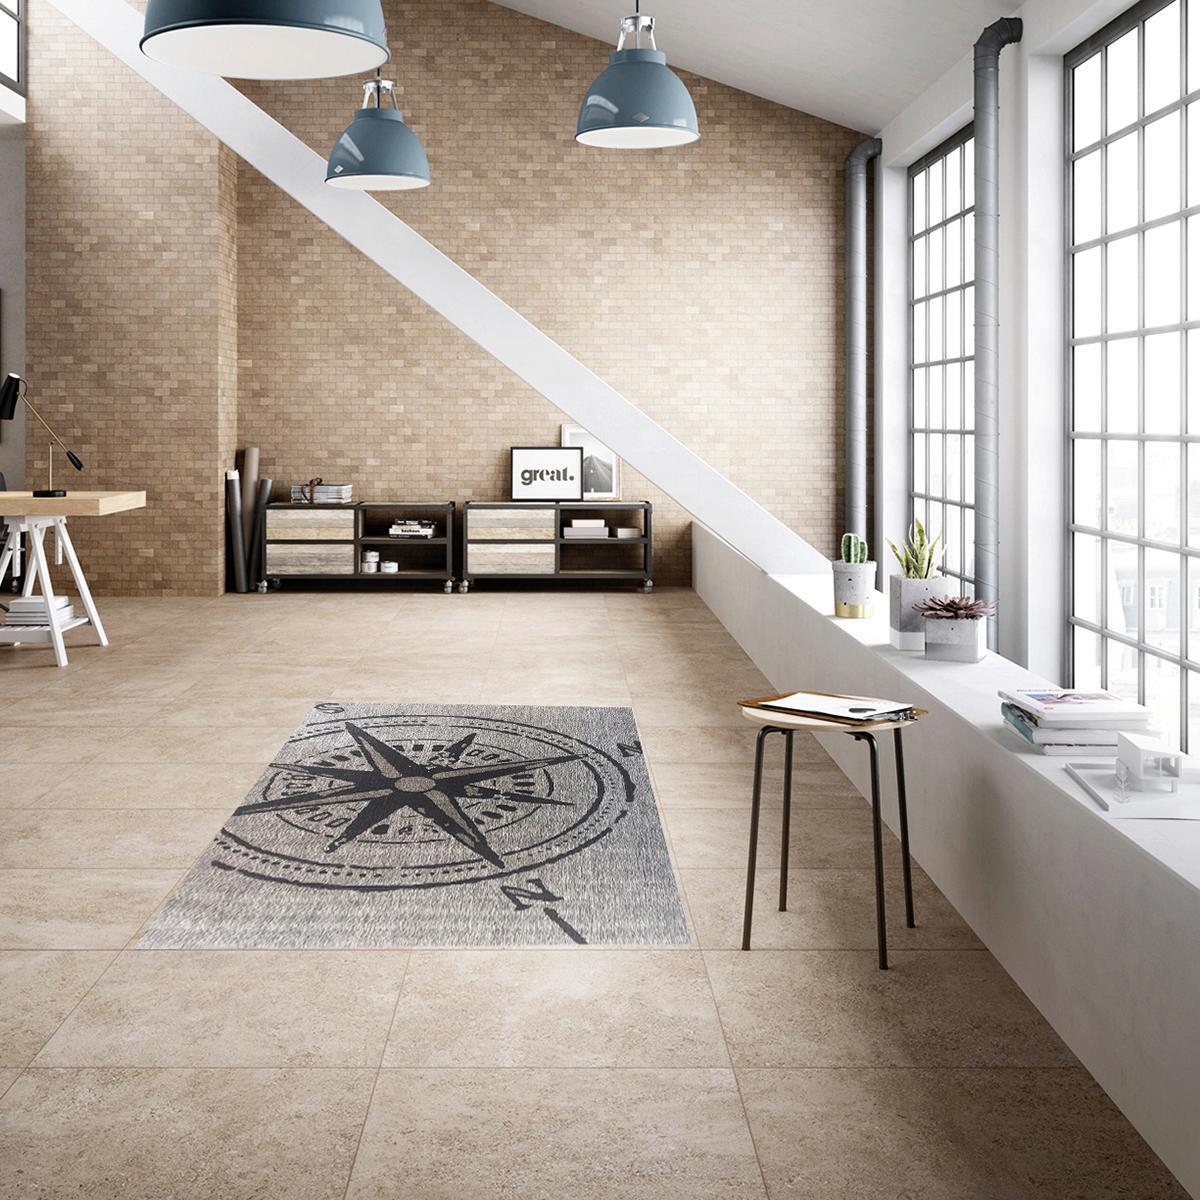 Tappeto Bussola , grigio, 160x230 - 2